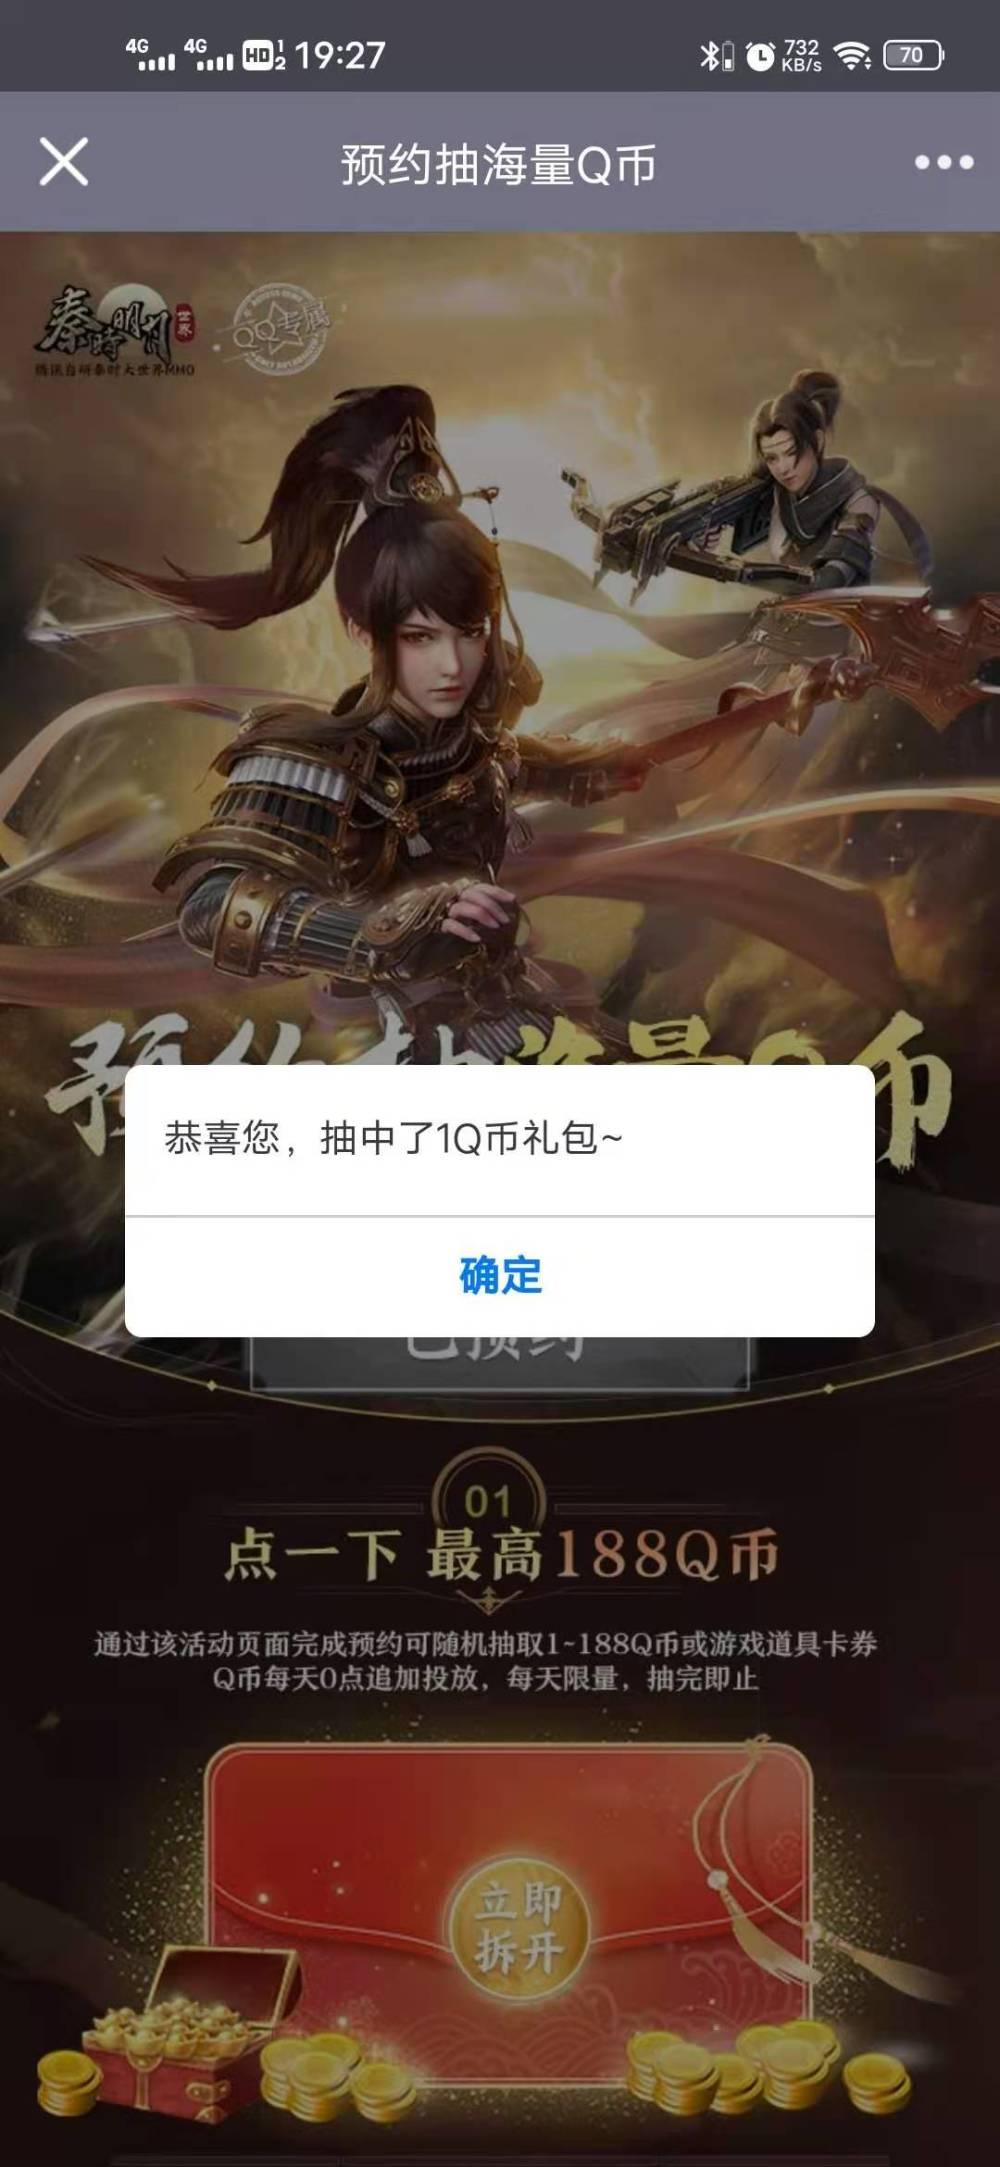 图片[1]-秦时明月QQ打开预约抽奖-飞享资源网